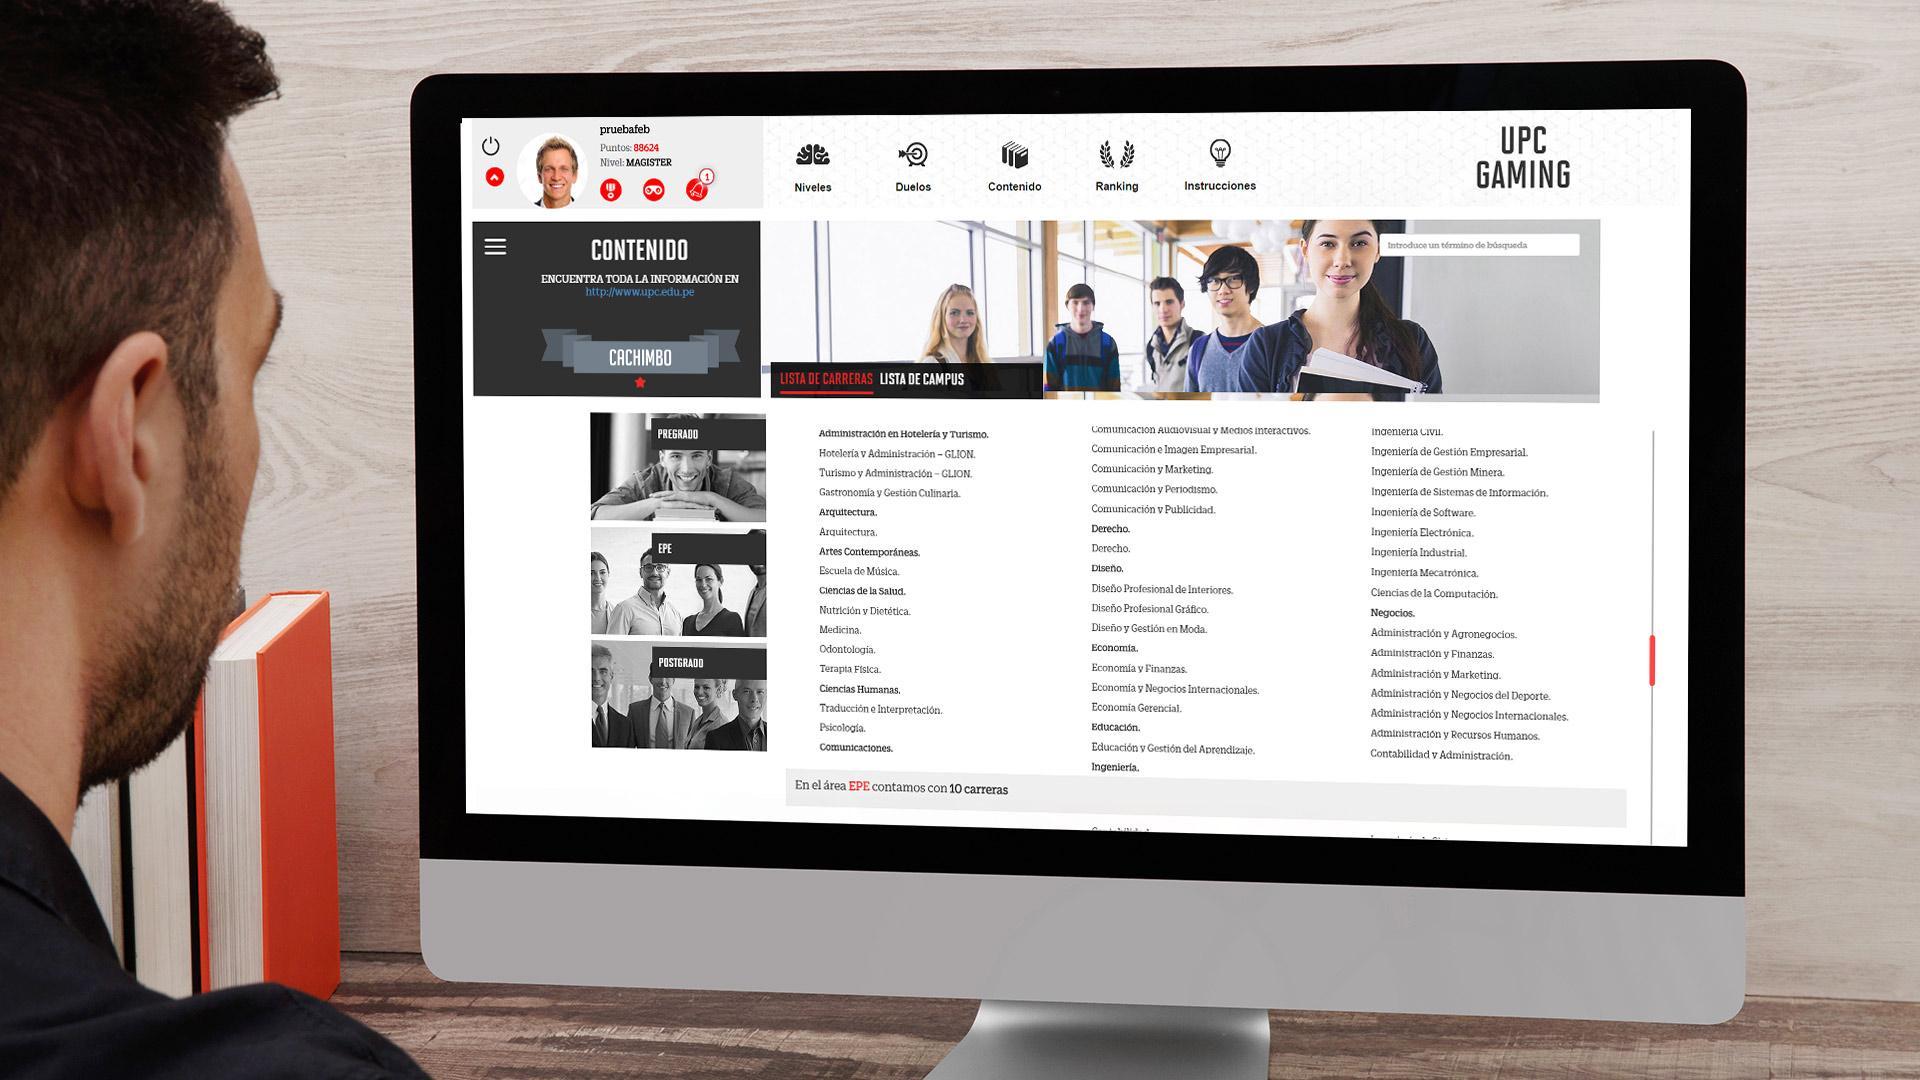 ferramenta de comunicação interna digital desenvolvida pela GESTIONET para UPC.